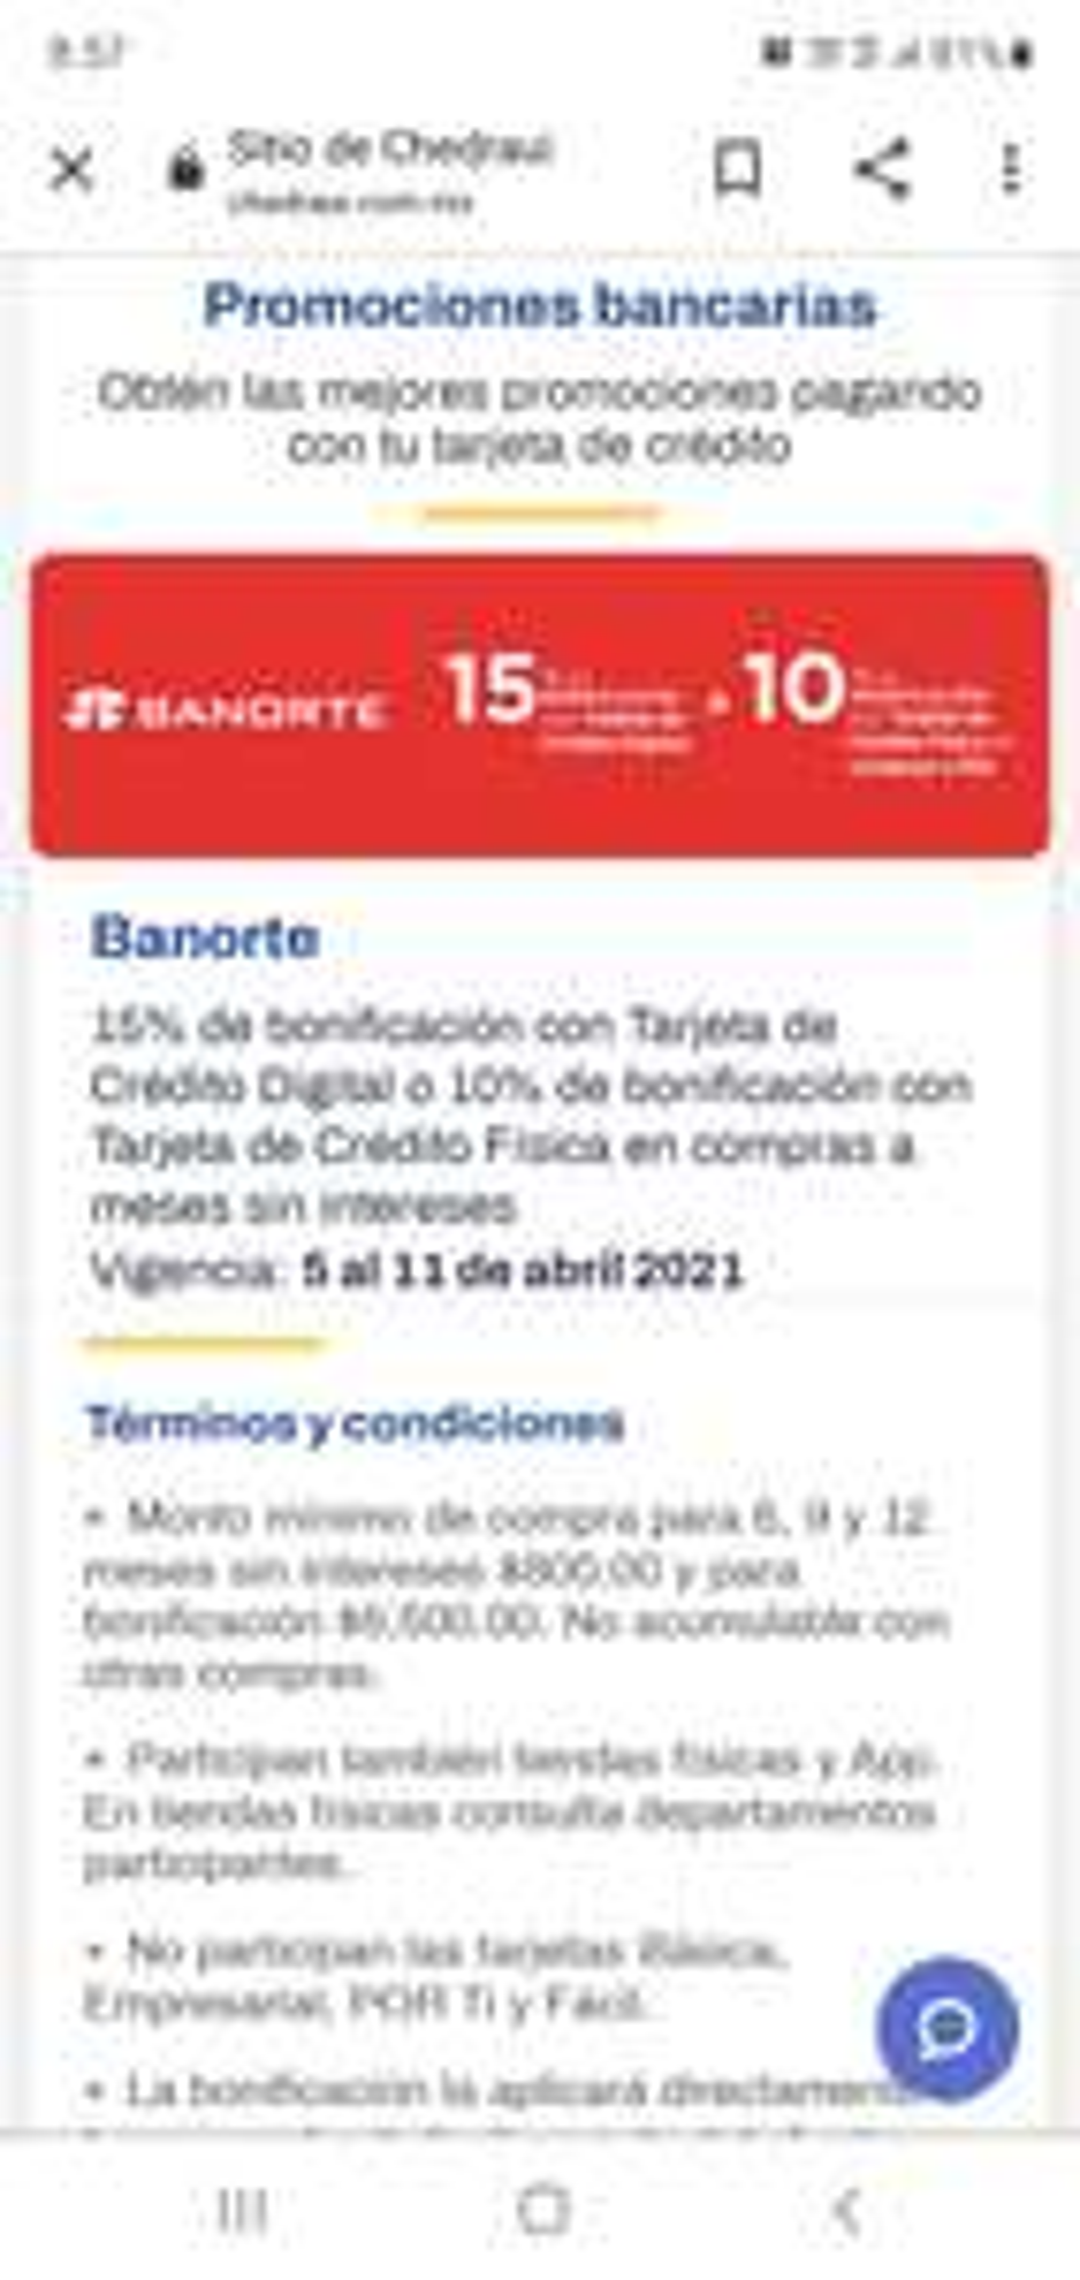 CHEDRAUI: 15% DE BONIFICACION CON TARJETA DE CREDITO DIGITAL BANORTE